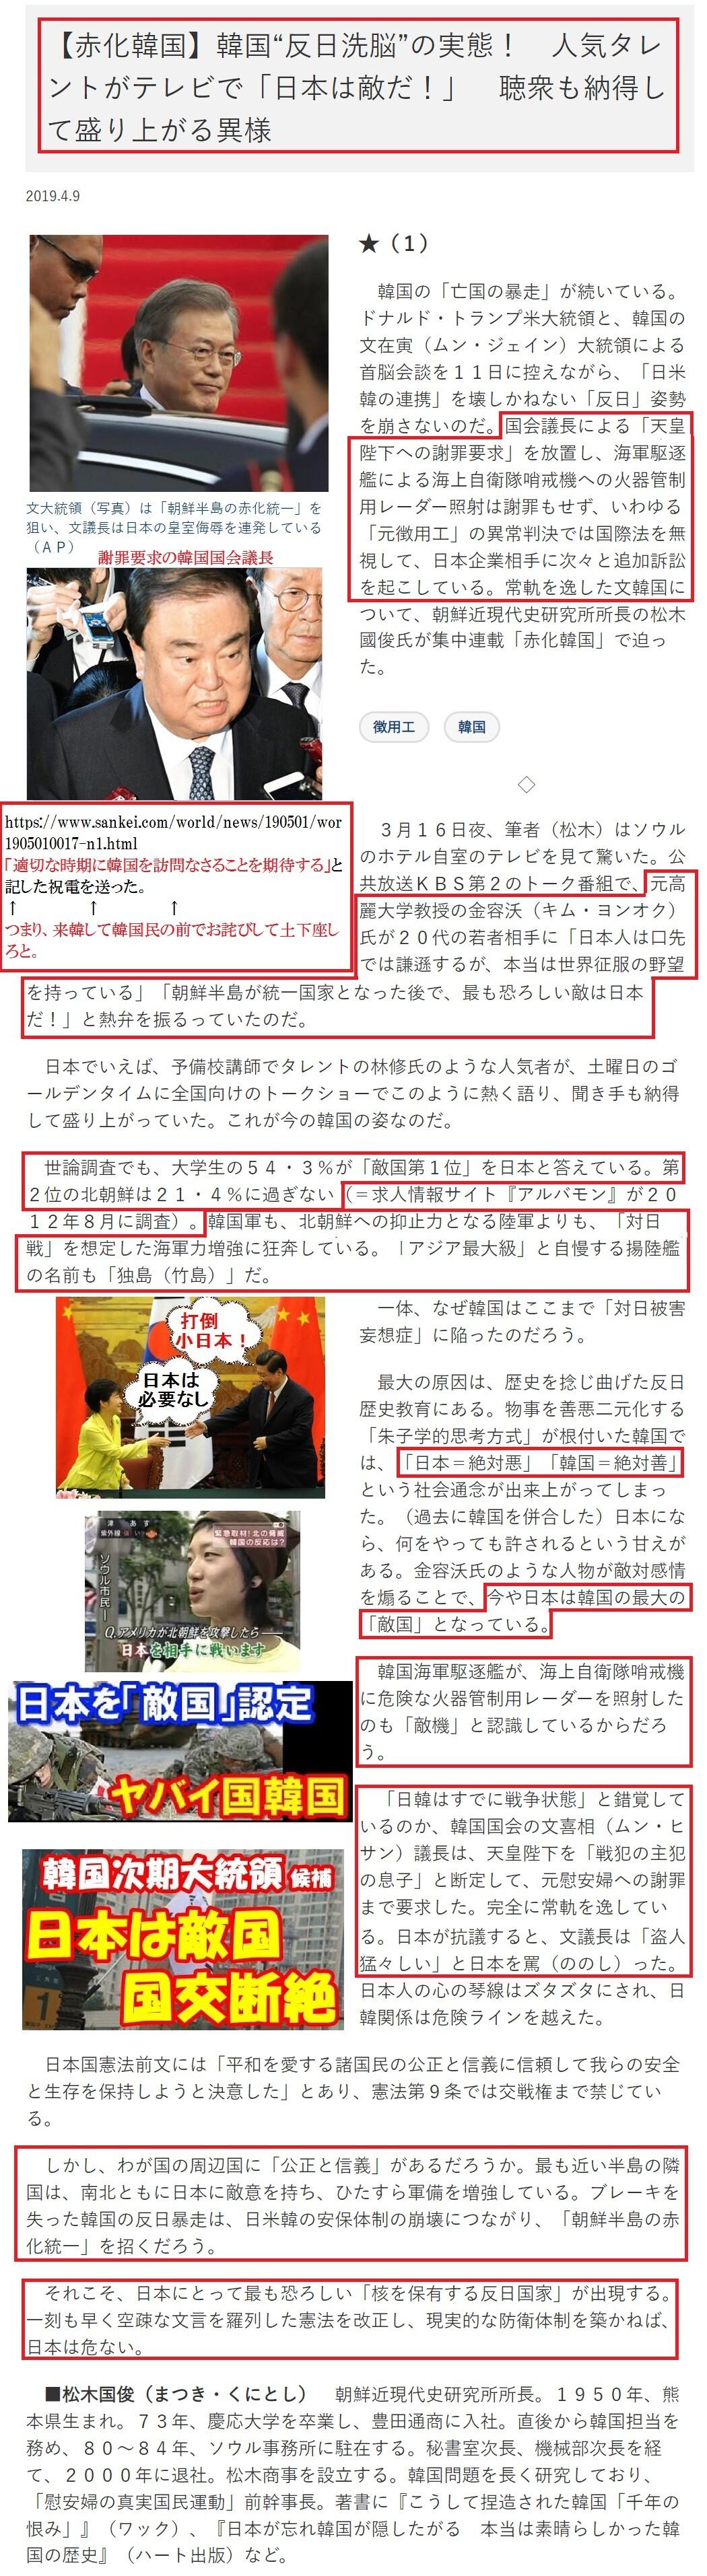 日本を仮想敵国と考えるした朝鮮4